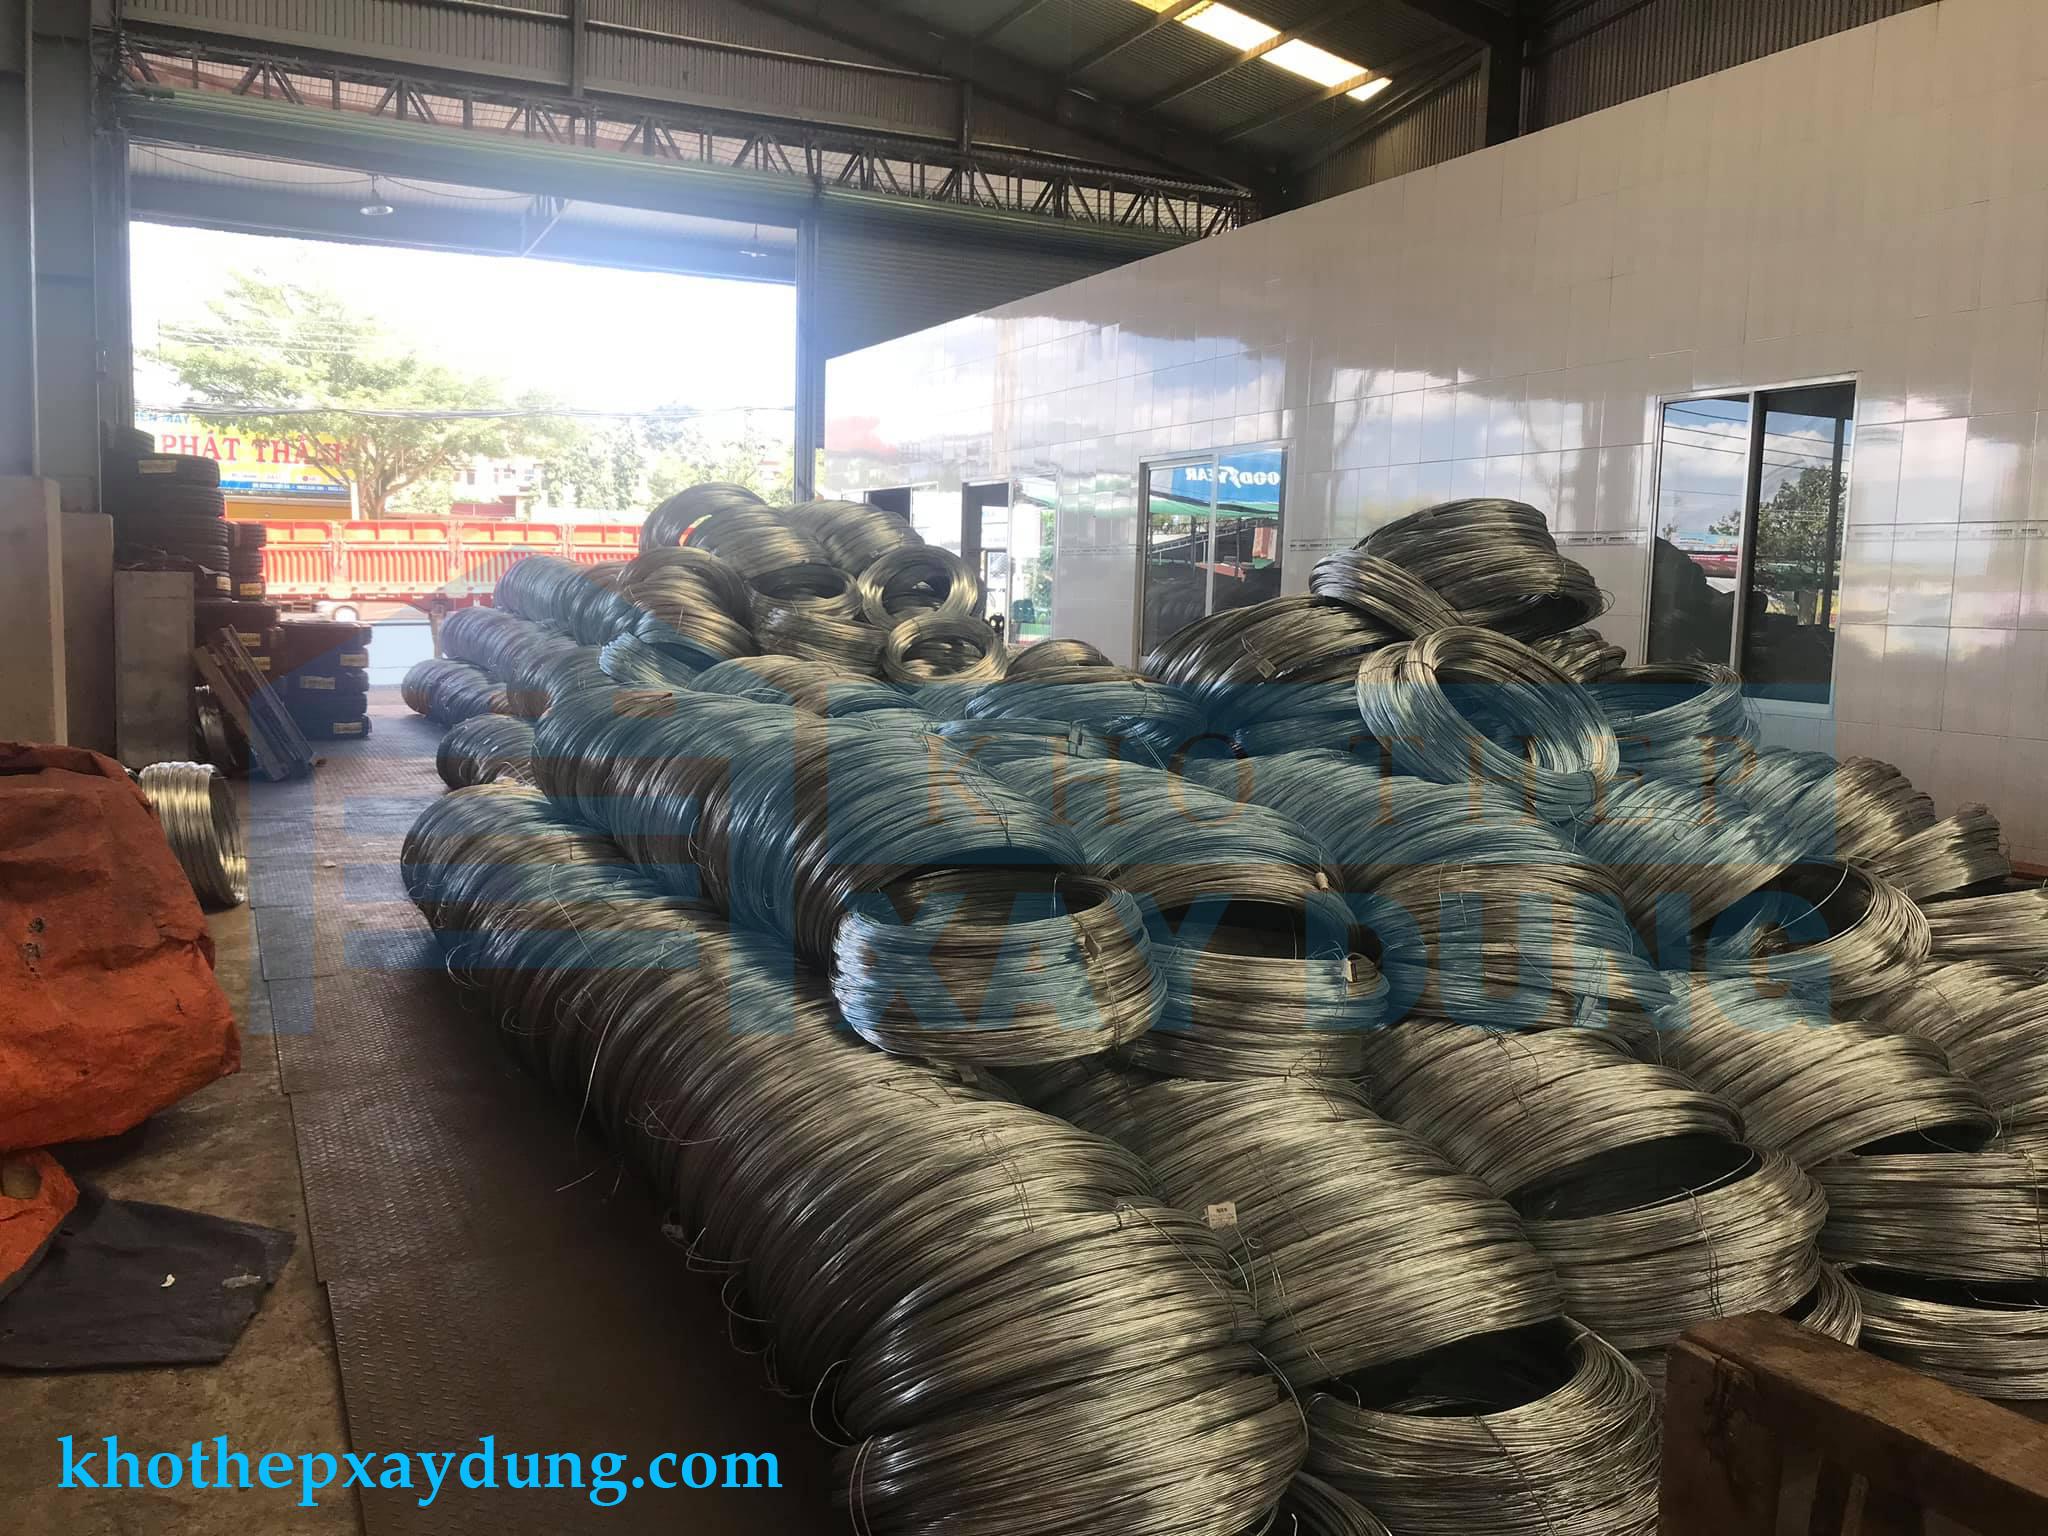 Thép Cuộn trong kho hàng hệ thống khothepxaydung.com